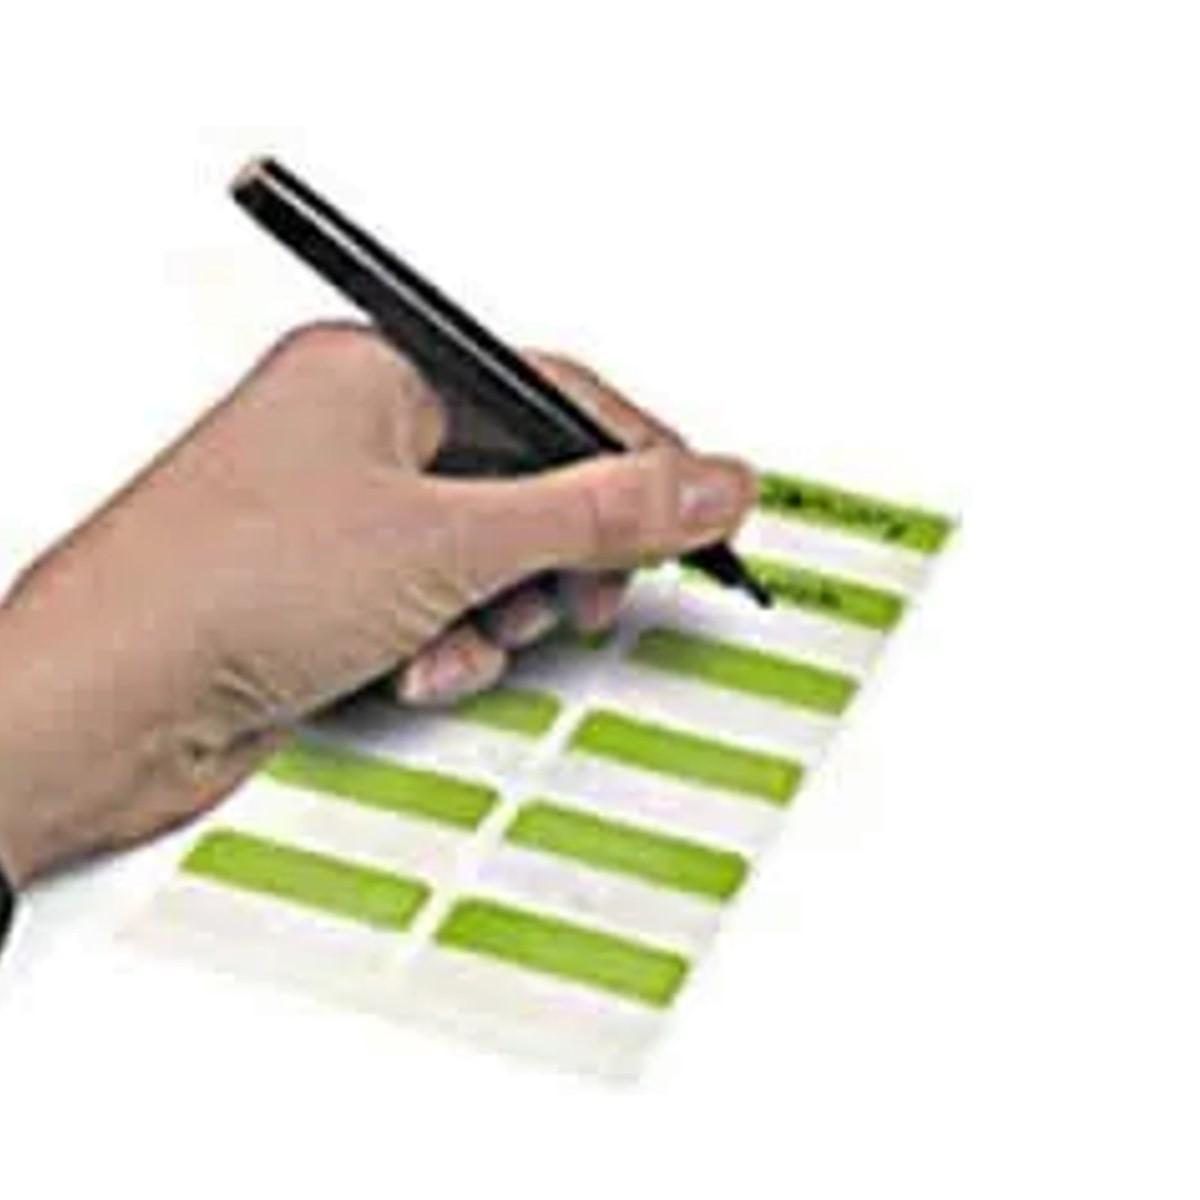 Marcador Páginas Index Tabs Branco Reposicionavel 10 Blisters